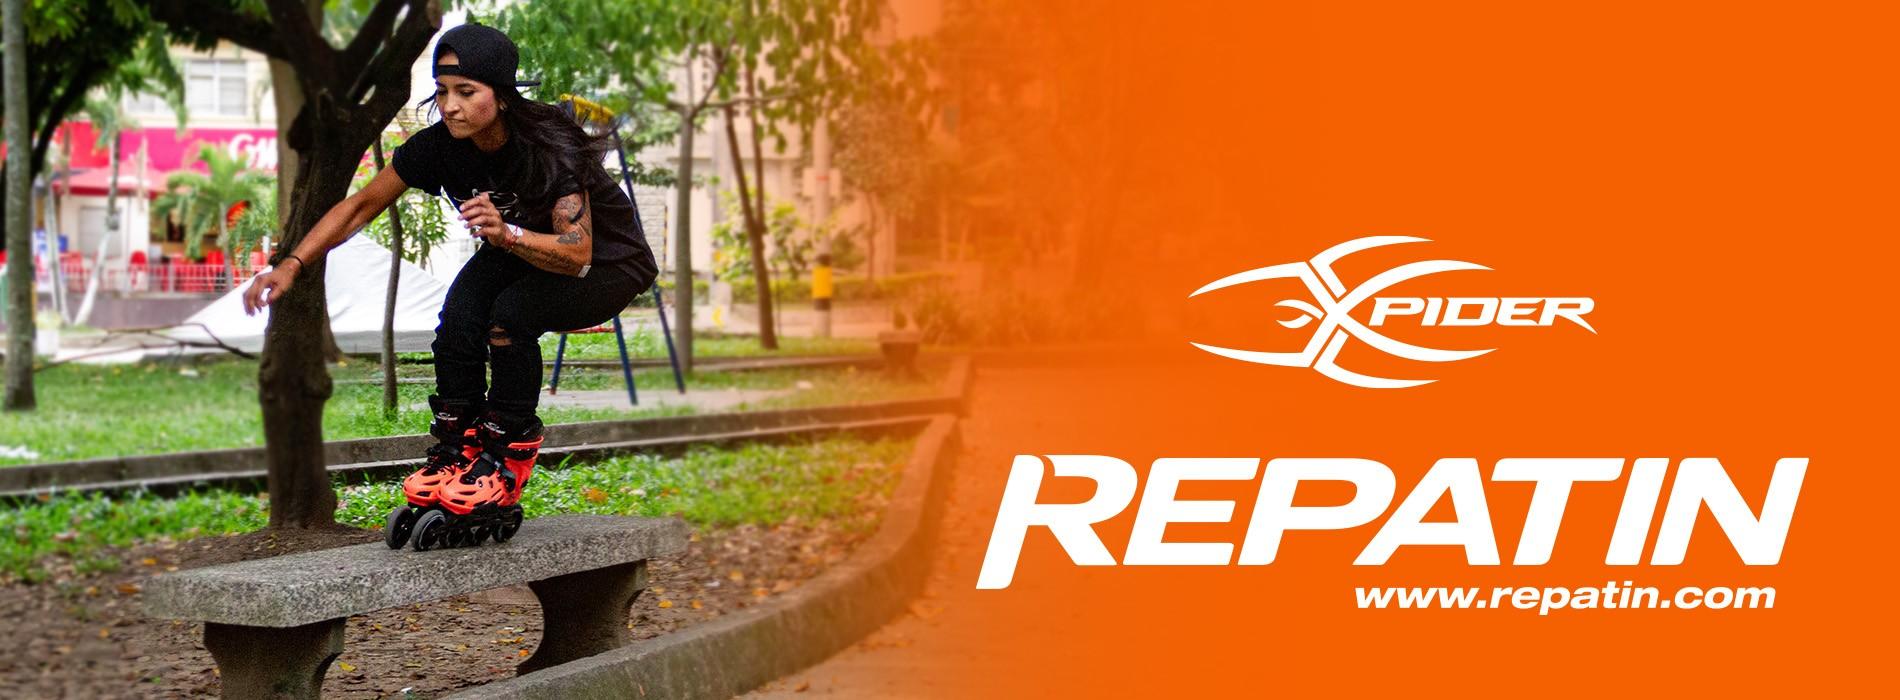 Patines urbanos naranja repatin colombia comprar calidad